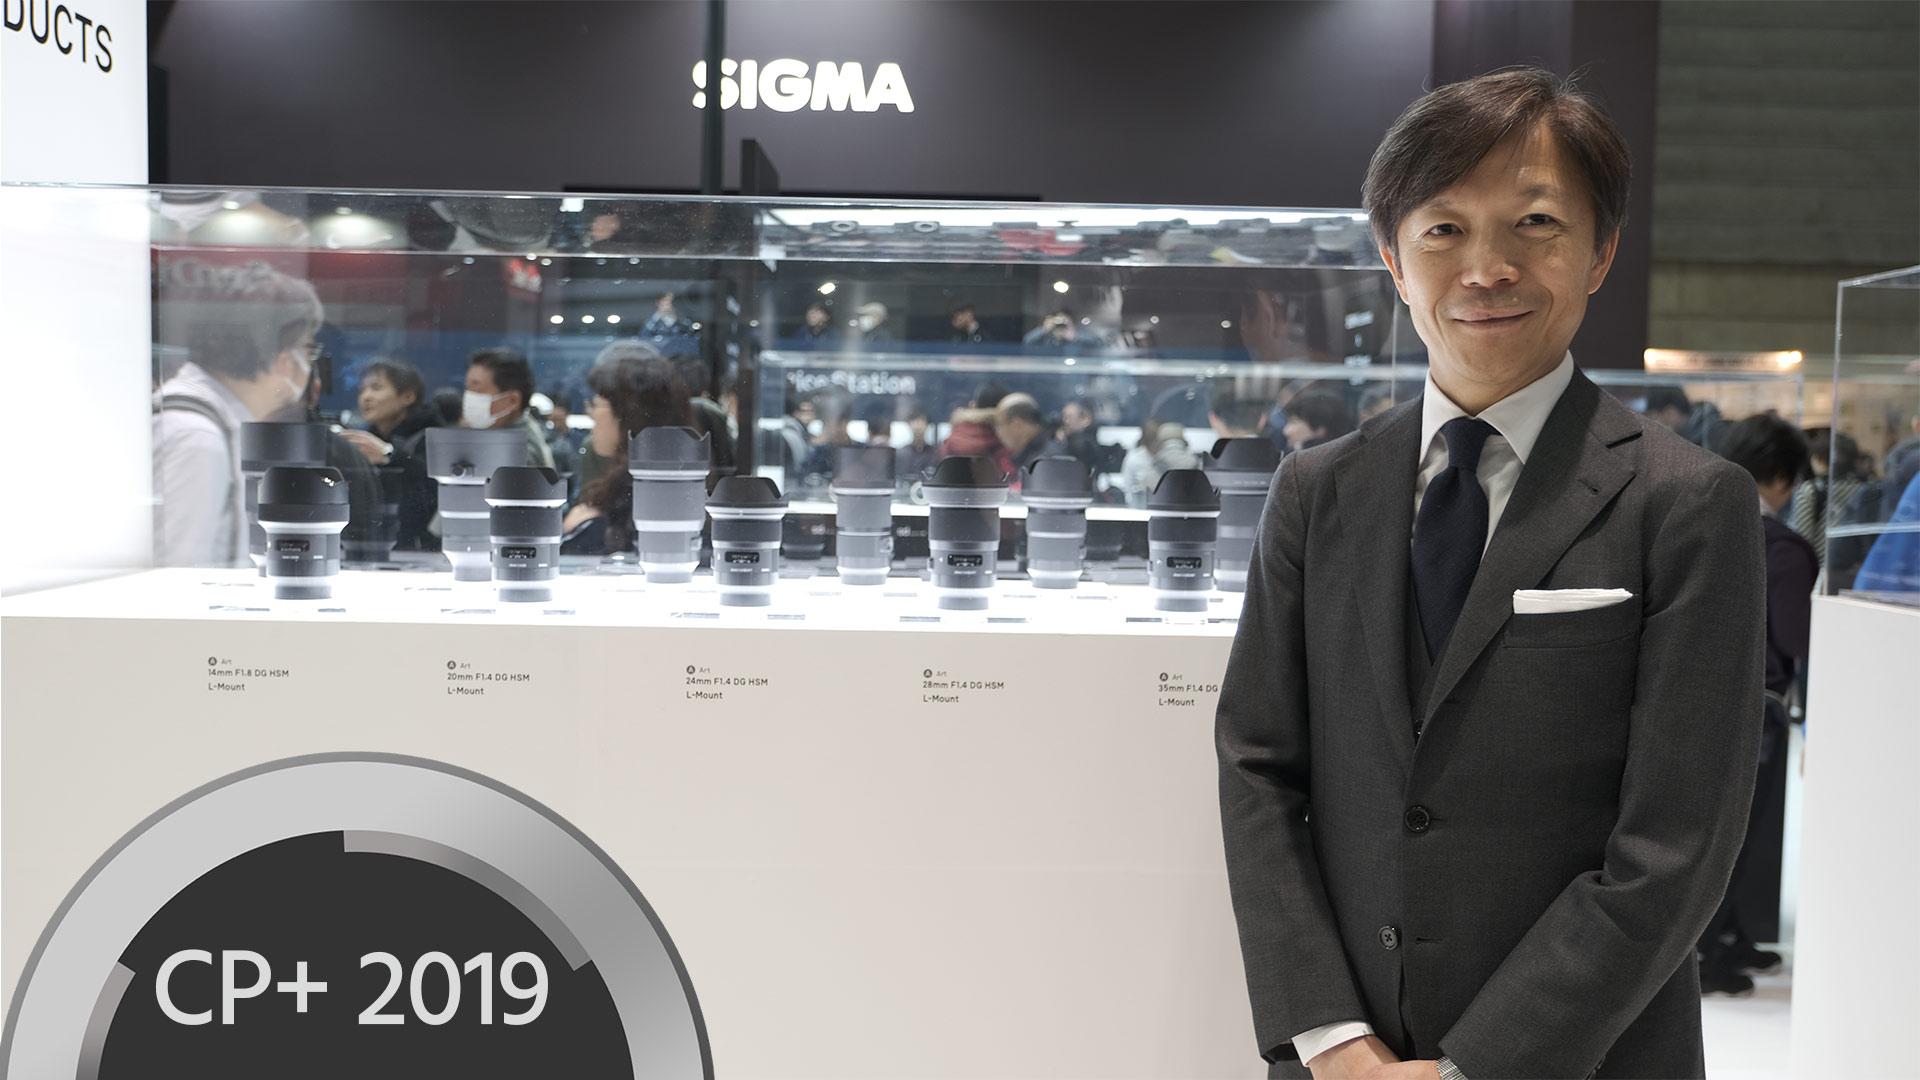 SIGMA se muestra totalmente comprometido con la montura L-Mount - Entrevista con el CEO de SIGMA, Yamaki-san